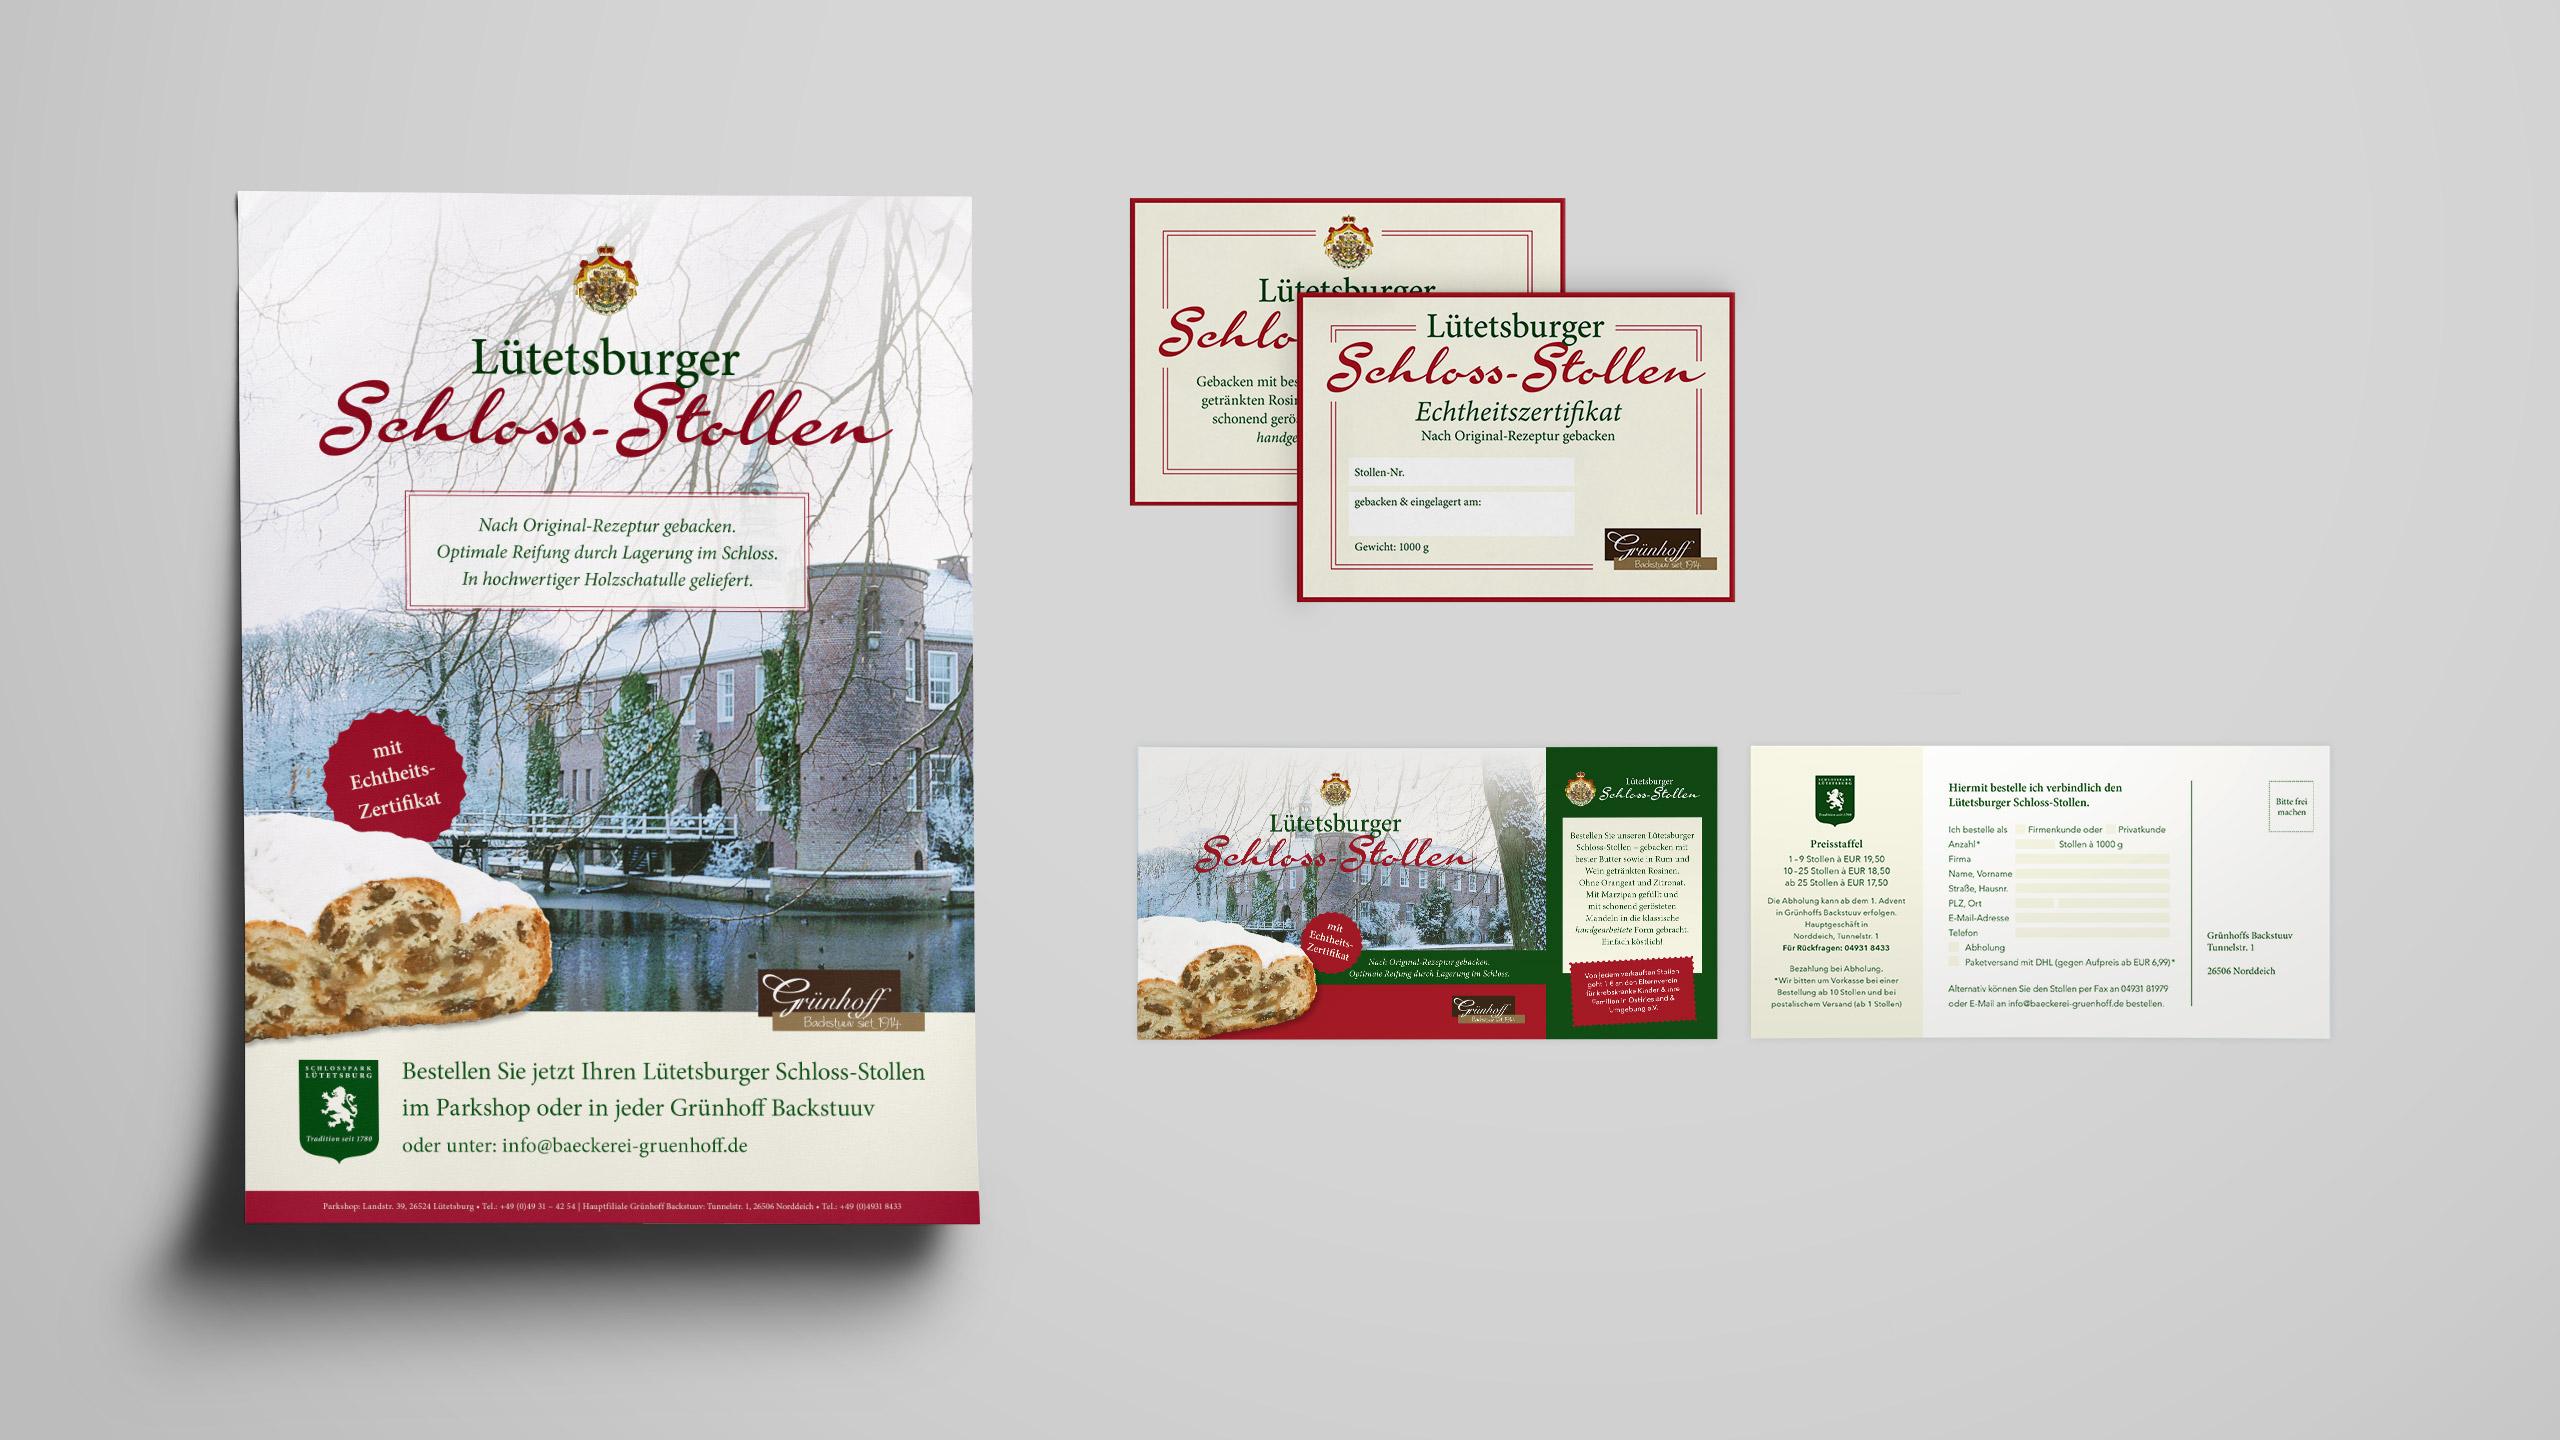 spl_weihnachtsstollen-plakat_zertifikat_bestellschein